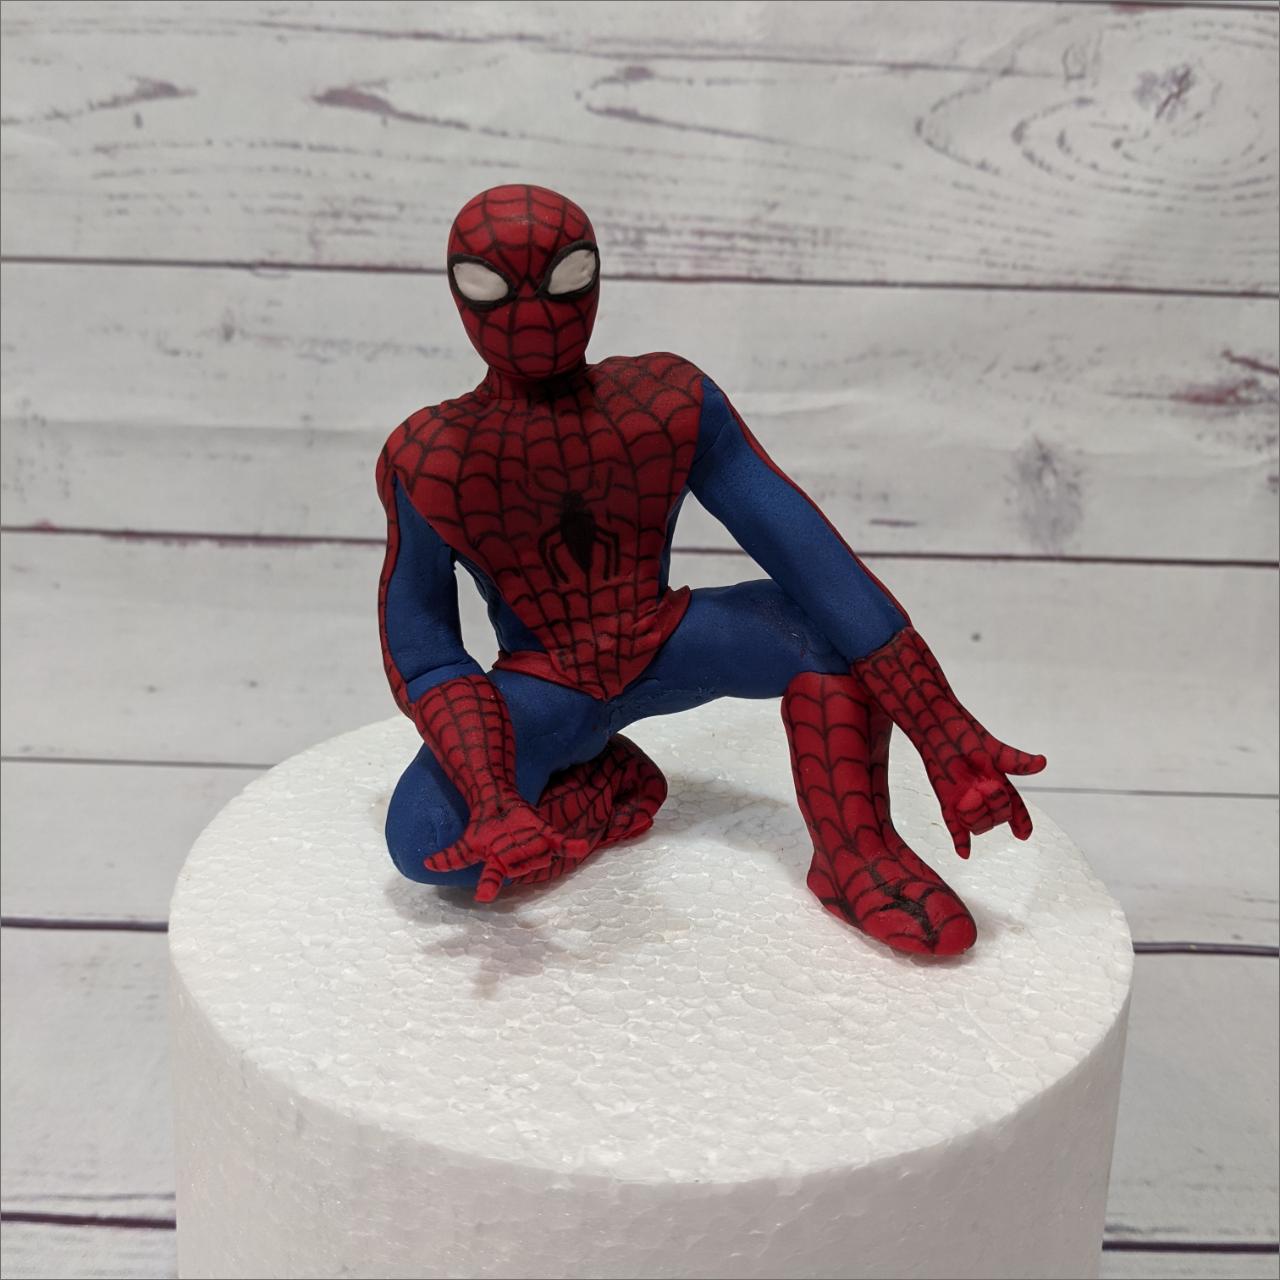 Spiderman-modellierte-Figuren-Fondant-Ilmenau-Torten-Kindergeburtstag-Tortendekor-Zuckerfigur-essbare-Figur-Torten-Tuning-Suhl